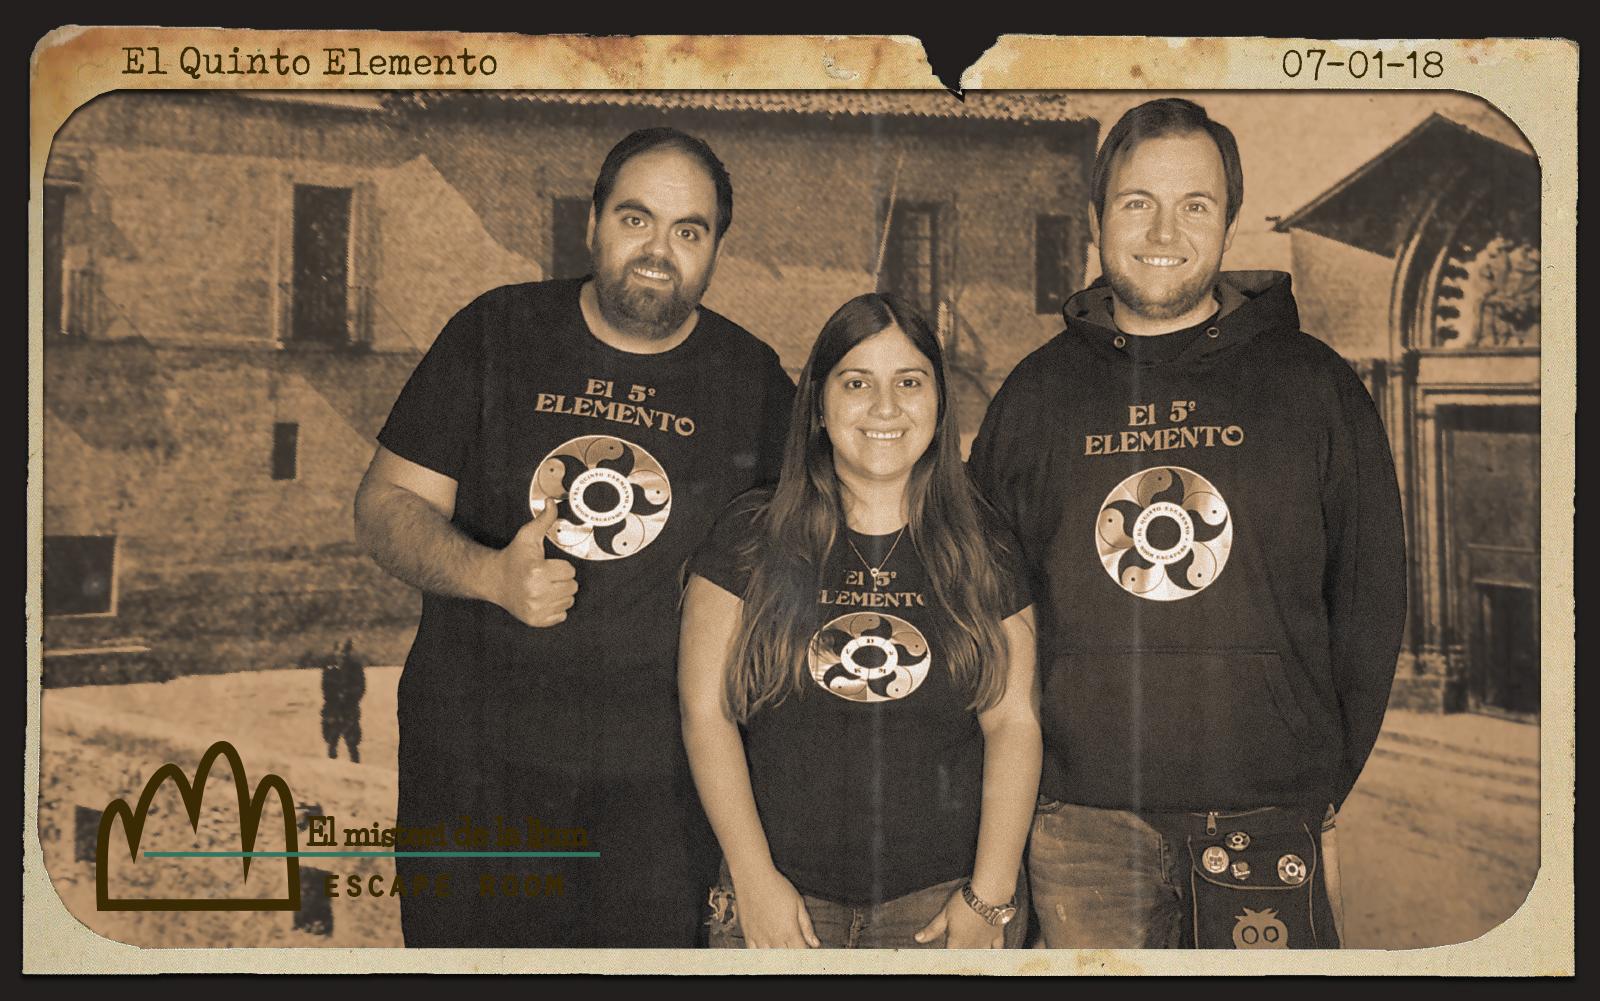 Quinto_Elemento_7-1-18